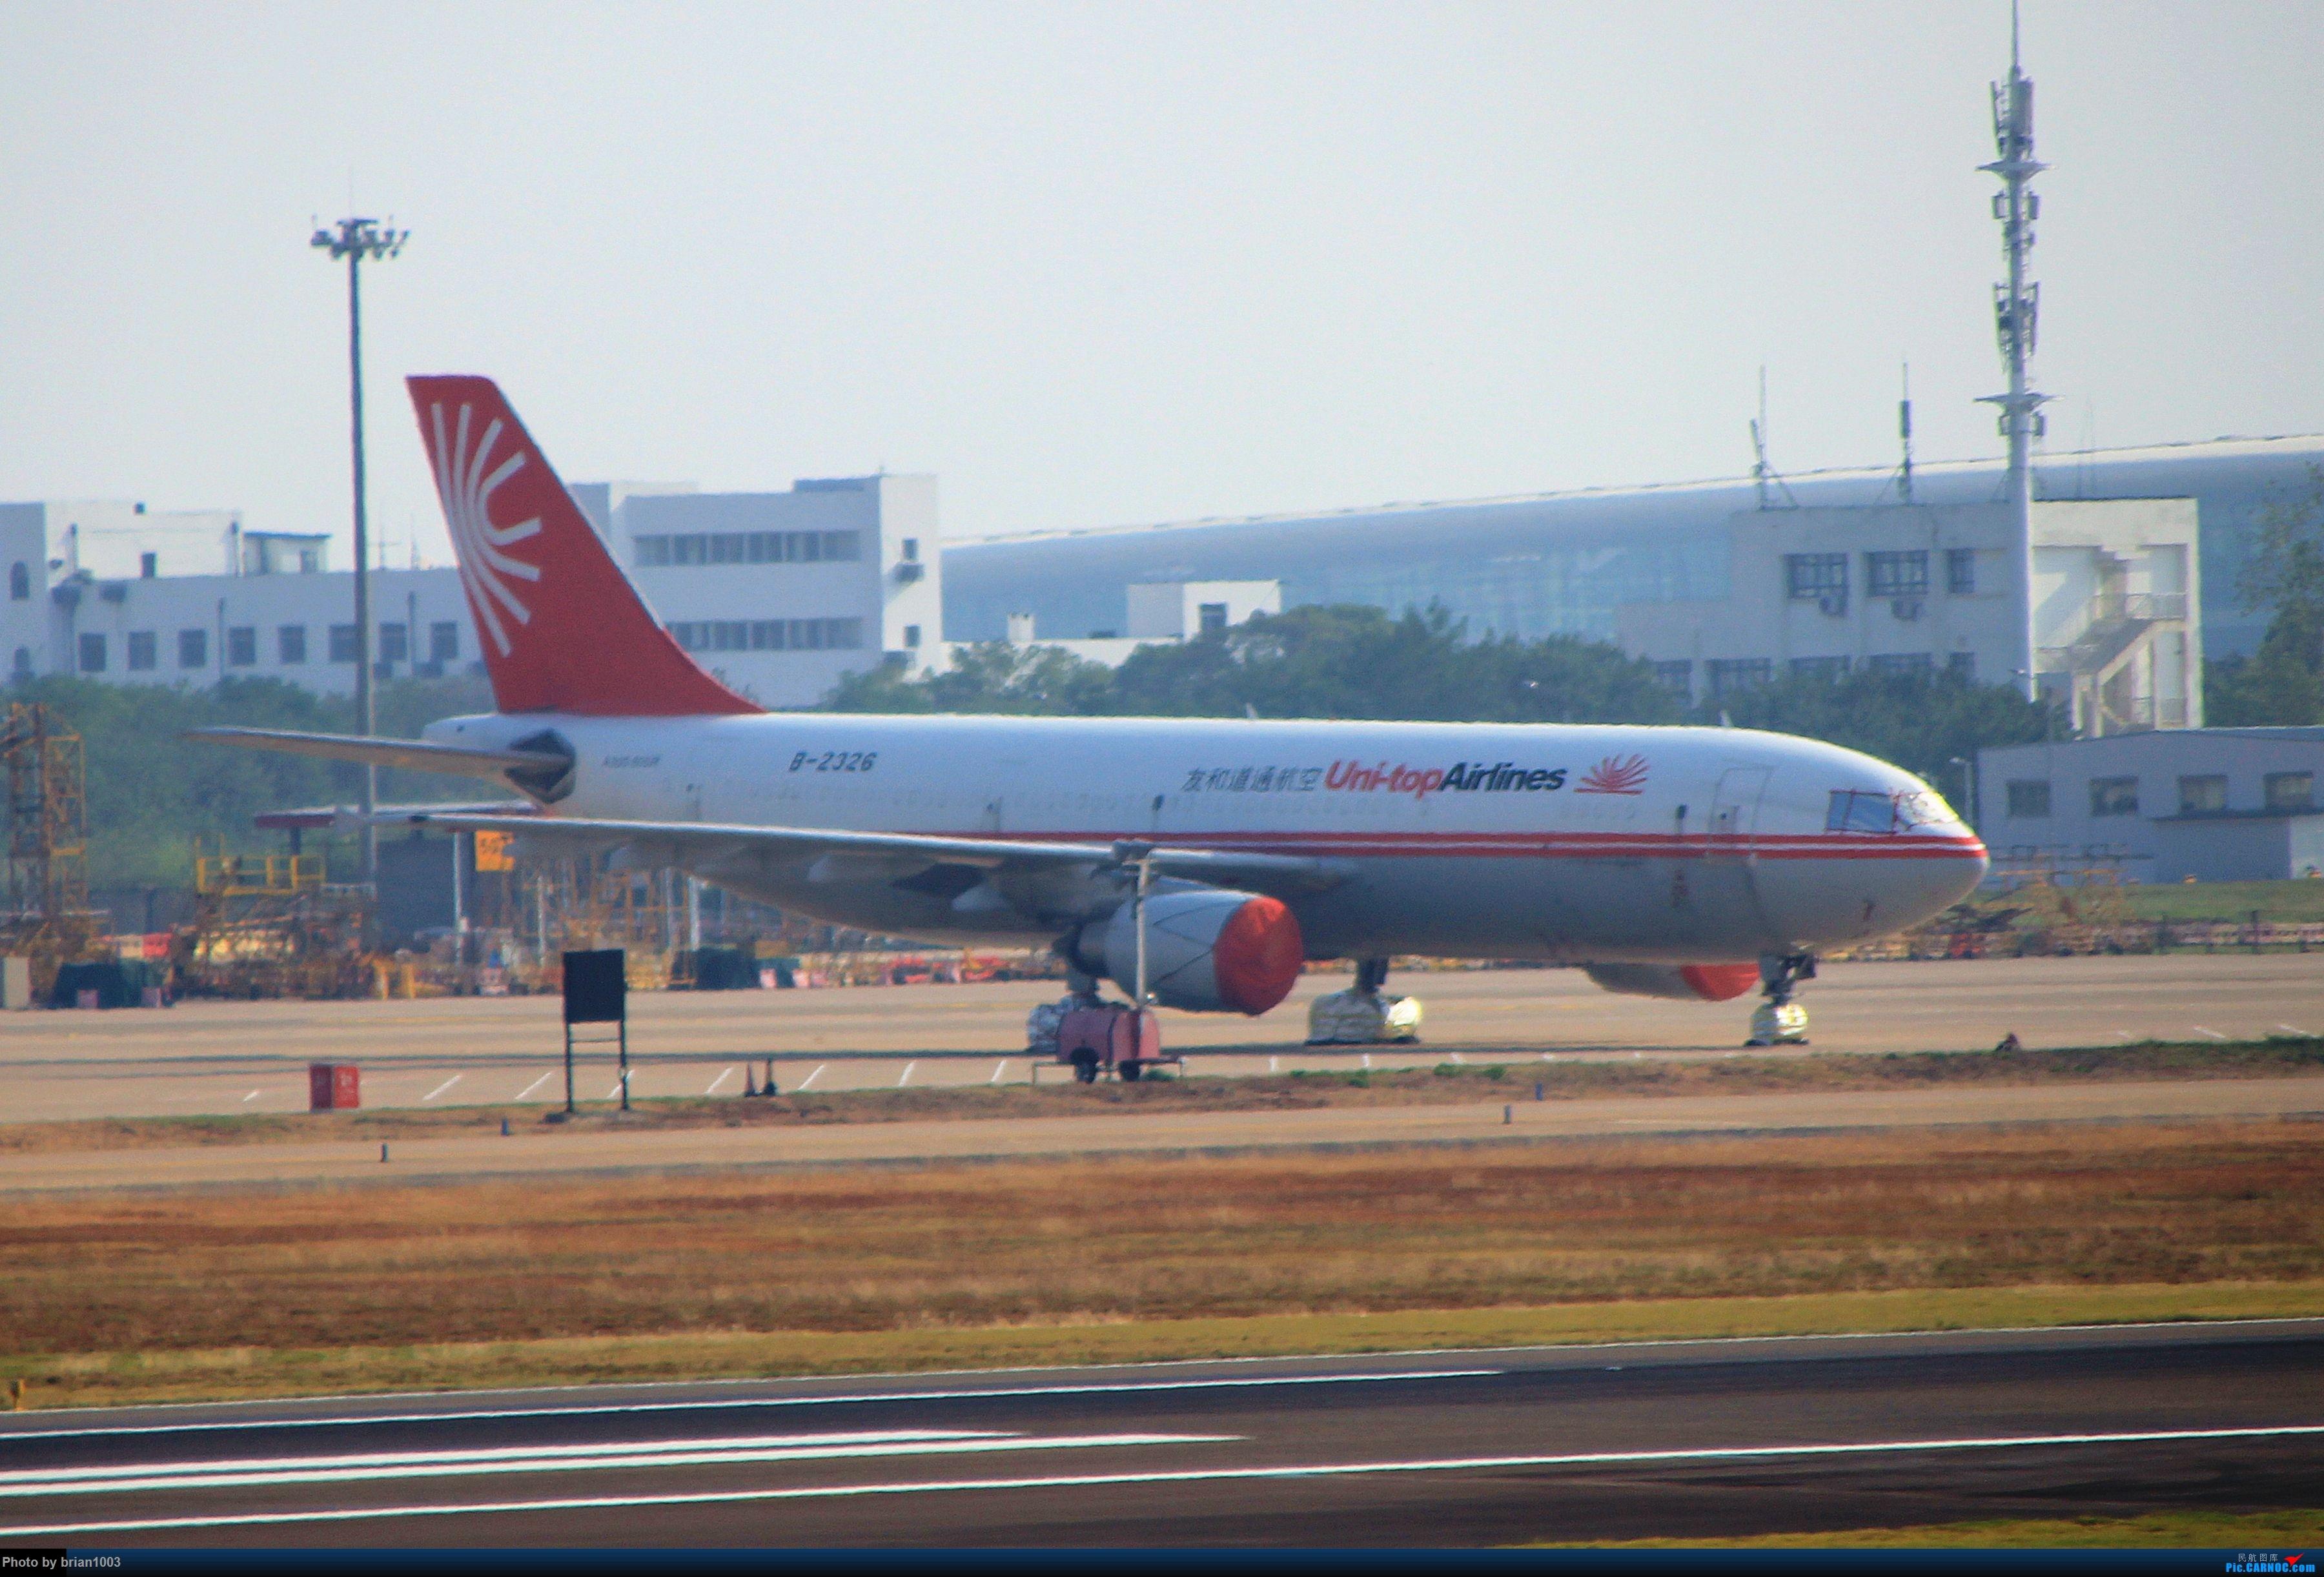 Re:[原创]WUH武汉天河机场拍机之精彩满满的十月(还可能更新) AIRBUS A300B4-600 B-2326 中国武汉天河国际机场